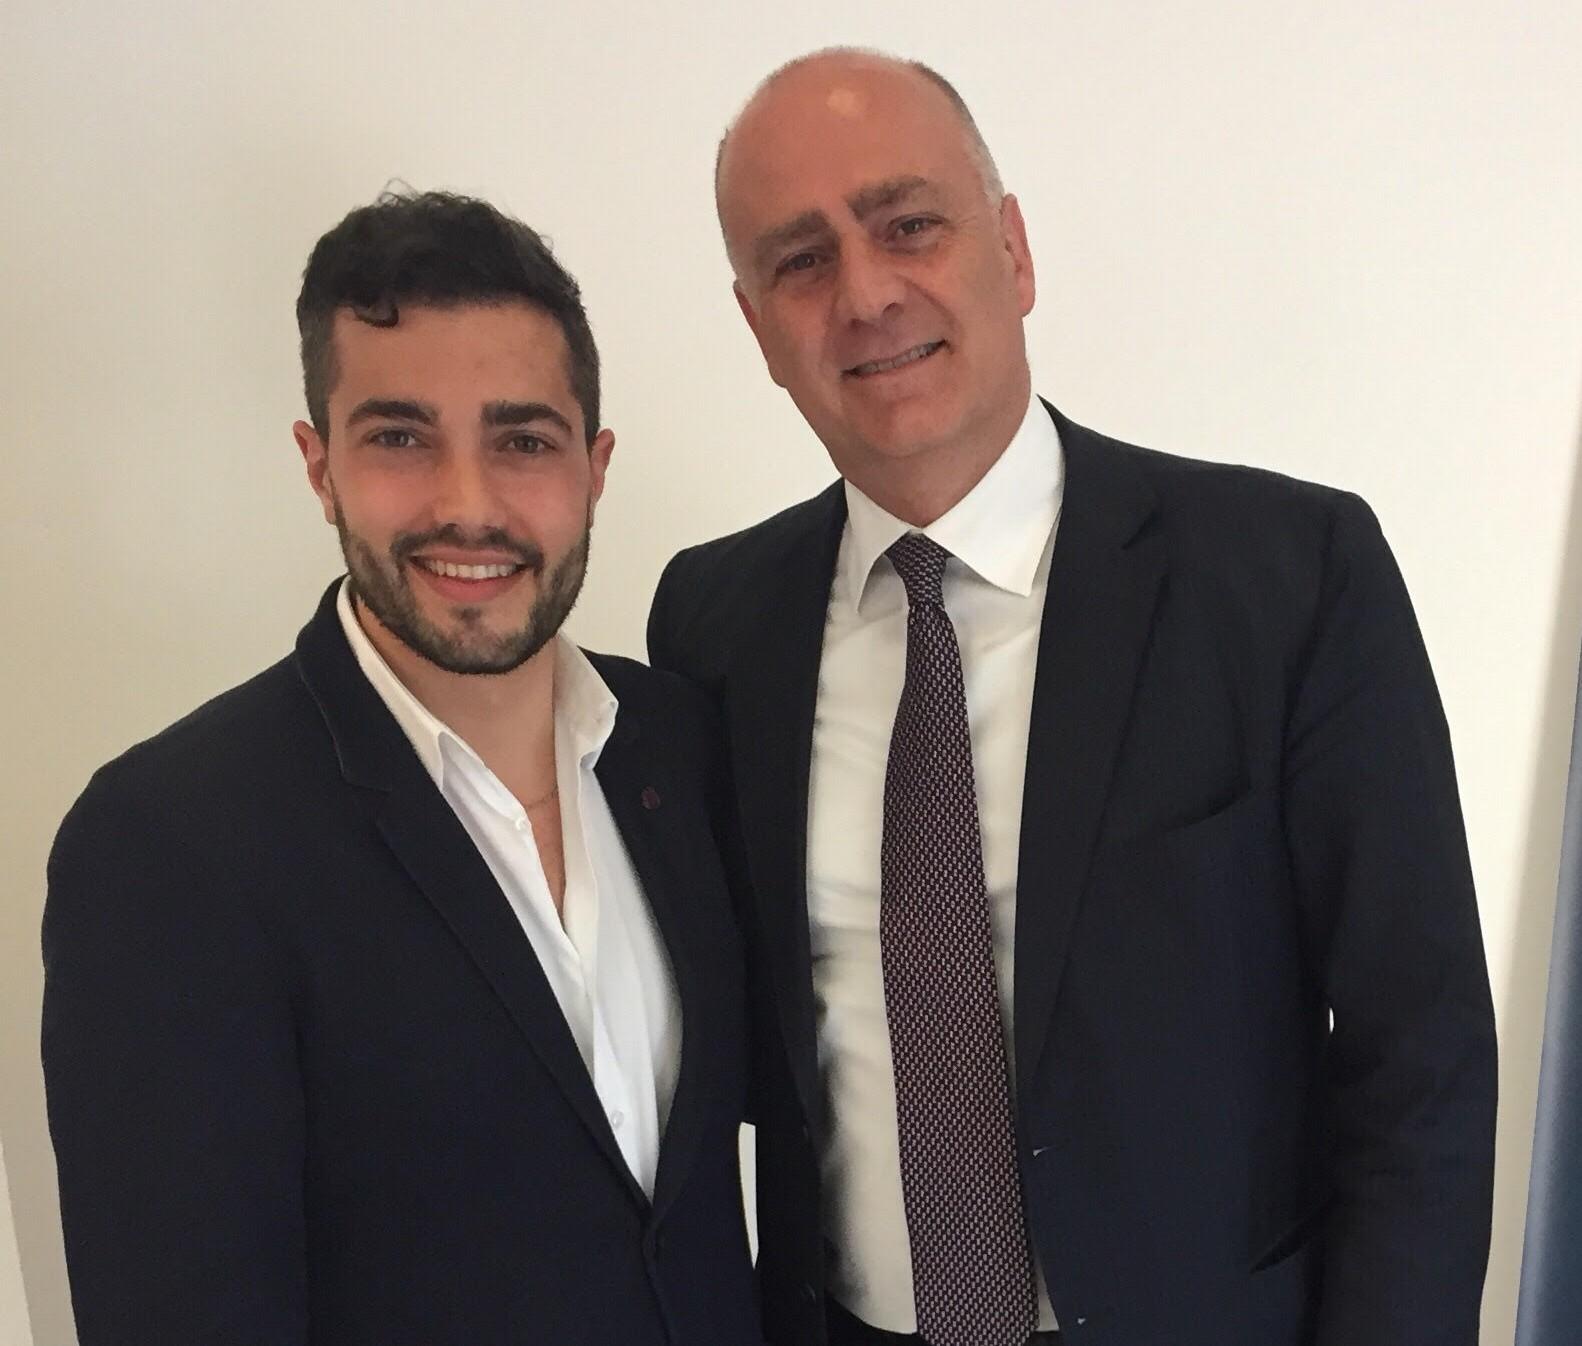 """Il candidato Di Genova: """"Galbiati ha lavorato per il benessere della Marsica, attaccato da chi in 5 anni non ha fatto nulla"""""""